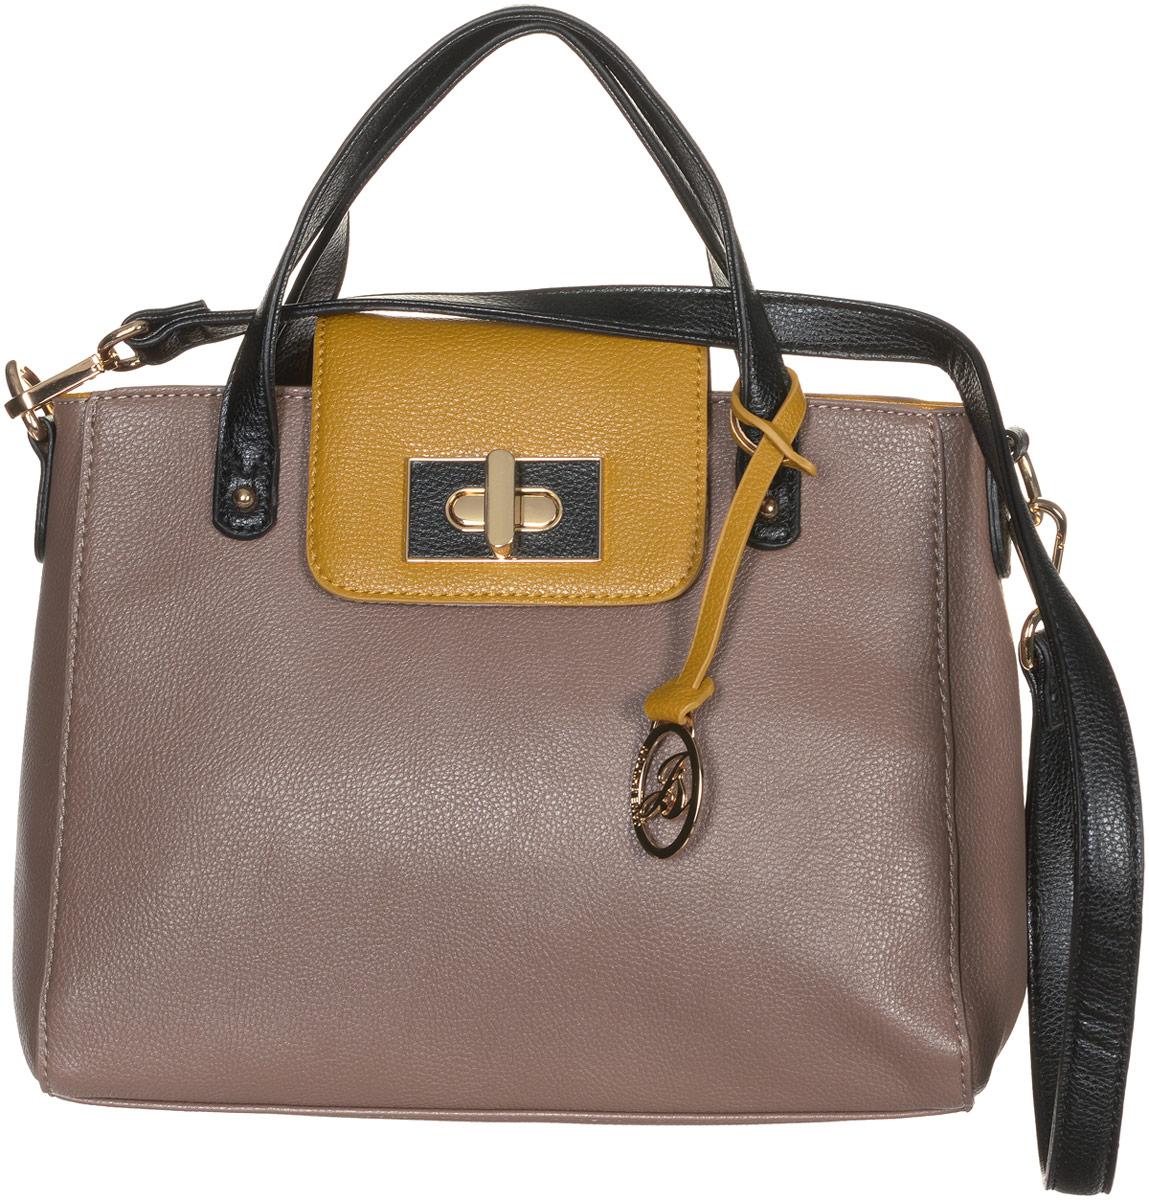 Сумка женская Jane Shilton, цвет: светло-коричневый, горчичный. 2138S76245Стильная сумка Jane Shilton не оставит вас равнодушной благодаря своему дизайну и практичности. Она изготовлена из качественной искусственной кожи зернистой текстуры. На тыльной стороне расположен удобный вшитый карман на молнии. Сумка оснащена удобными ручками, которые оформлены металлической фирменной подвеской. Также сумка дополнена съемным плечевым ремнем, который фиксируется с помощью замков-карабинов. Изделие закрывается на удобную молнию. Внутри расположено одно главное отделение на молнии, которое разделяет карман-средник на молнии. Также внутри расположен один открытый накладной карман для телефона и один вшитый карман на молнии для мелочей. Такая модная и практичная сумка завершит ваш образ и станет незаменимым аксессуаром в вашем гардеробе.